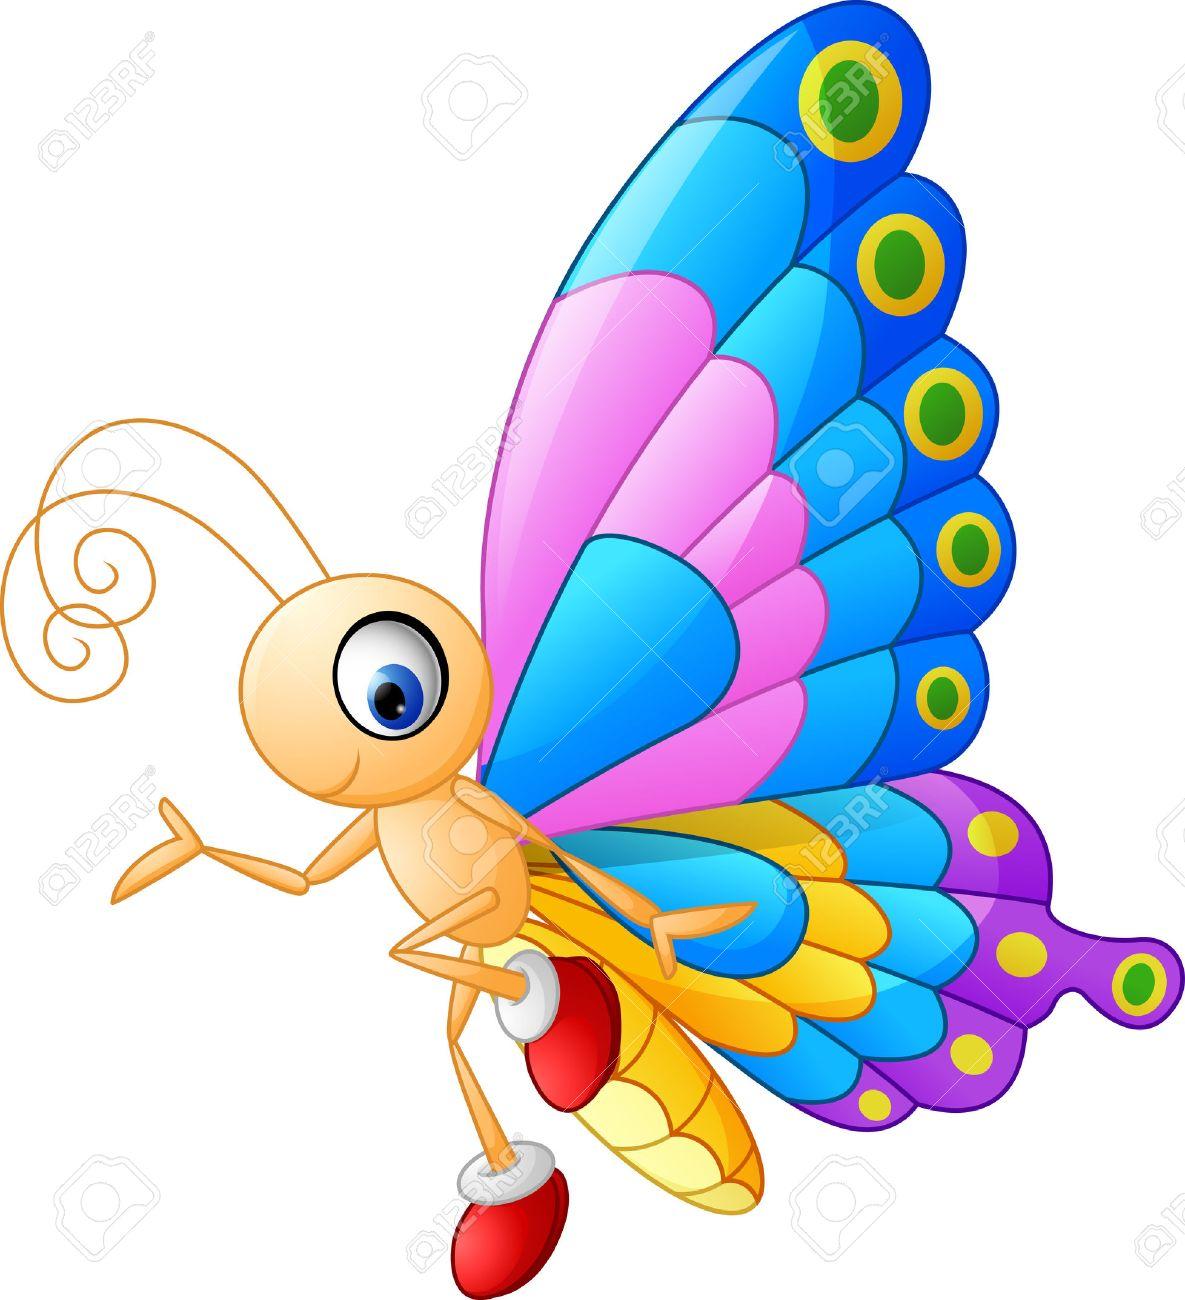 presentación de dibujos animados lindo de la mariposa ilustraciones